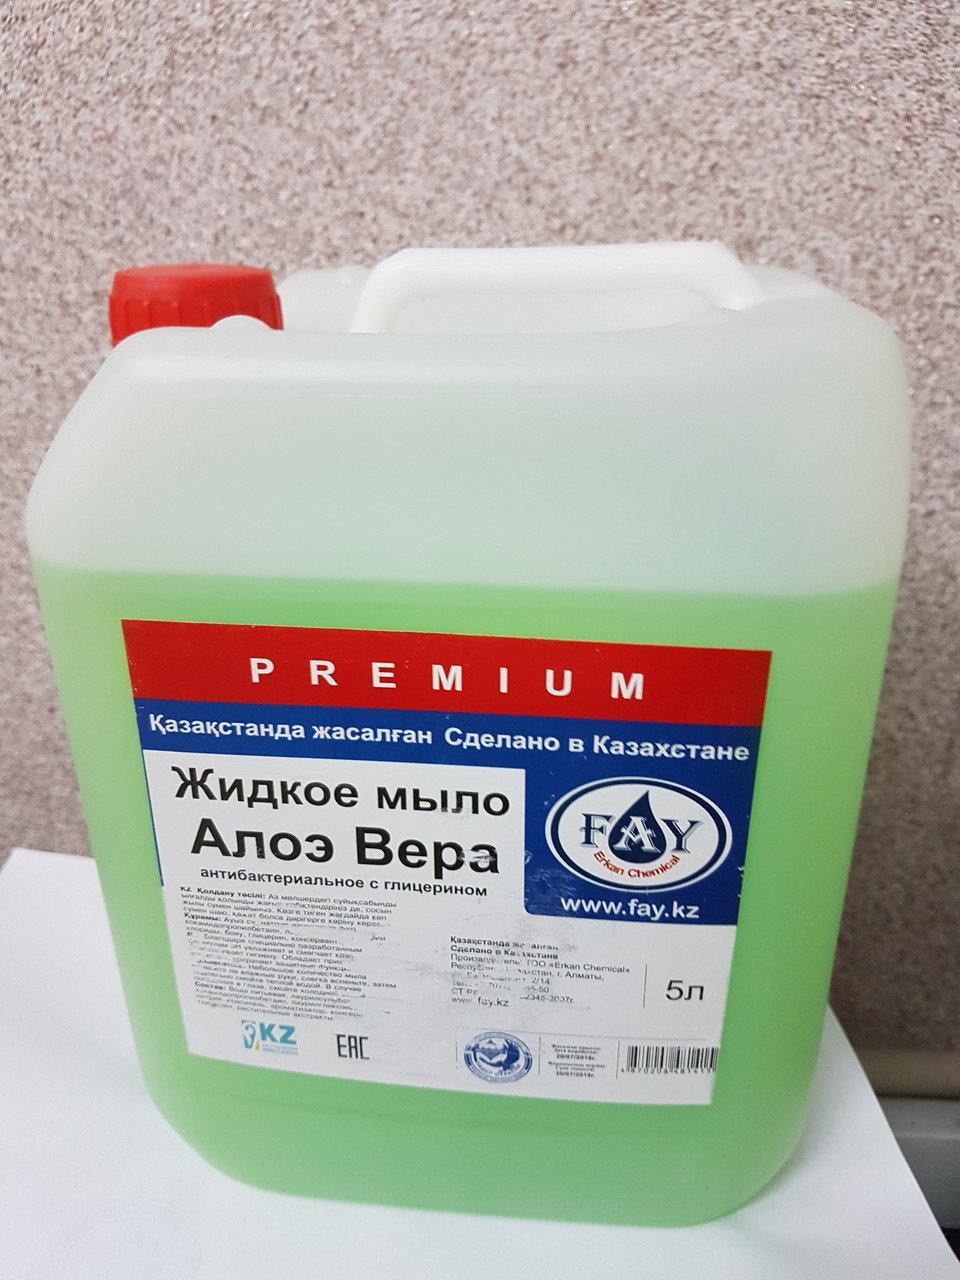 Жидкое мыло «Fay»  PREMIUM 5 л АЛОЭ ВЕРА